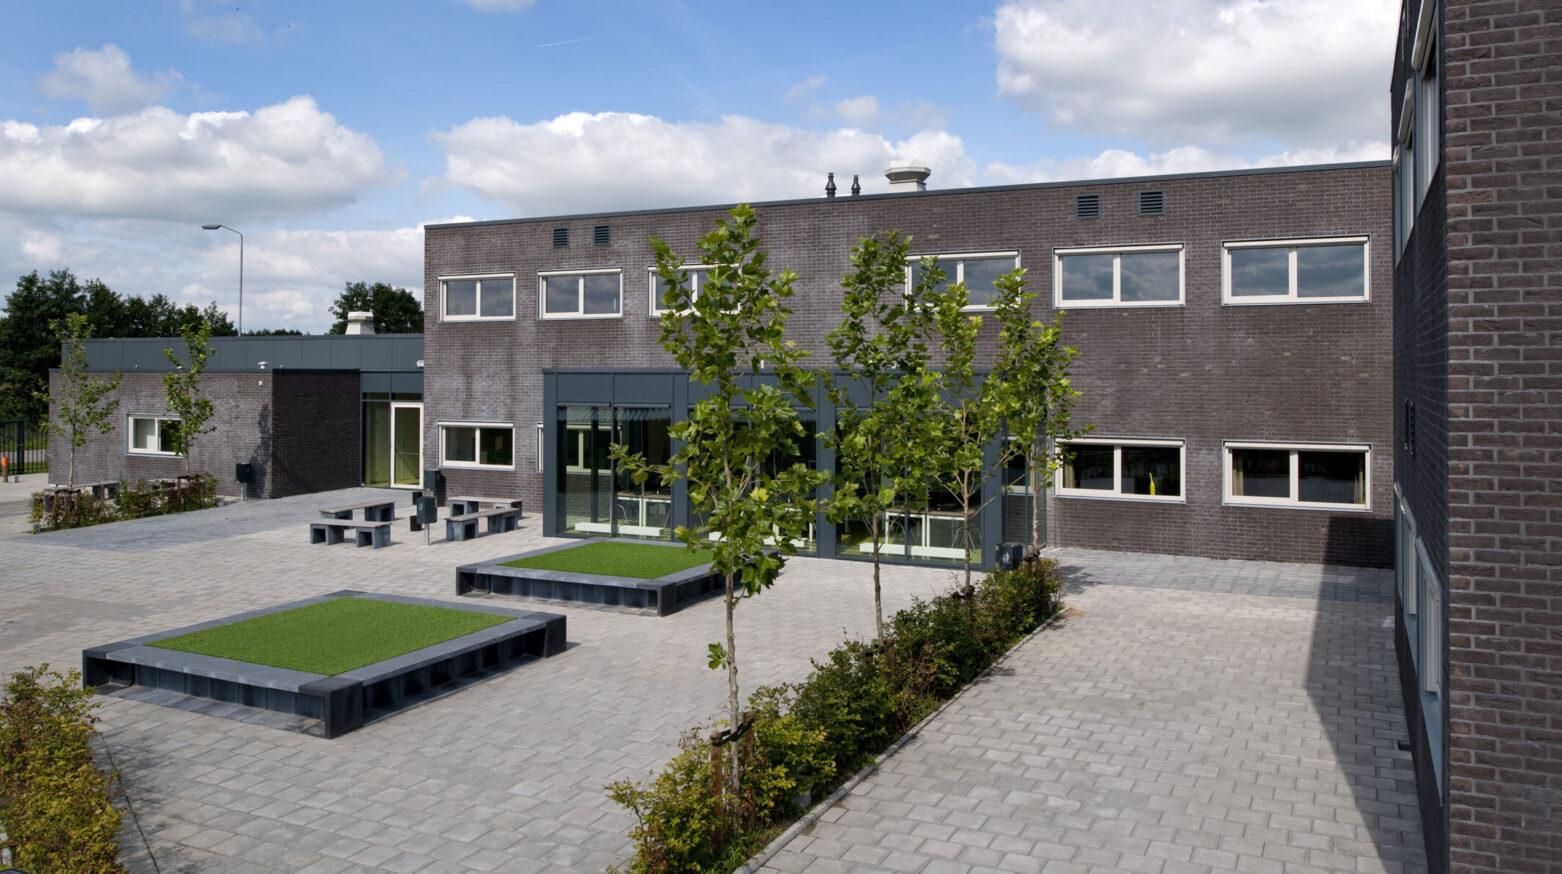 Willem van oranje college waalwijk 02